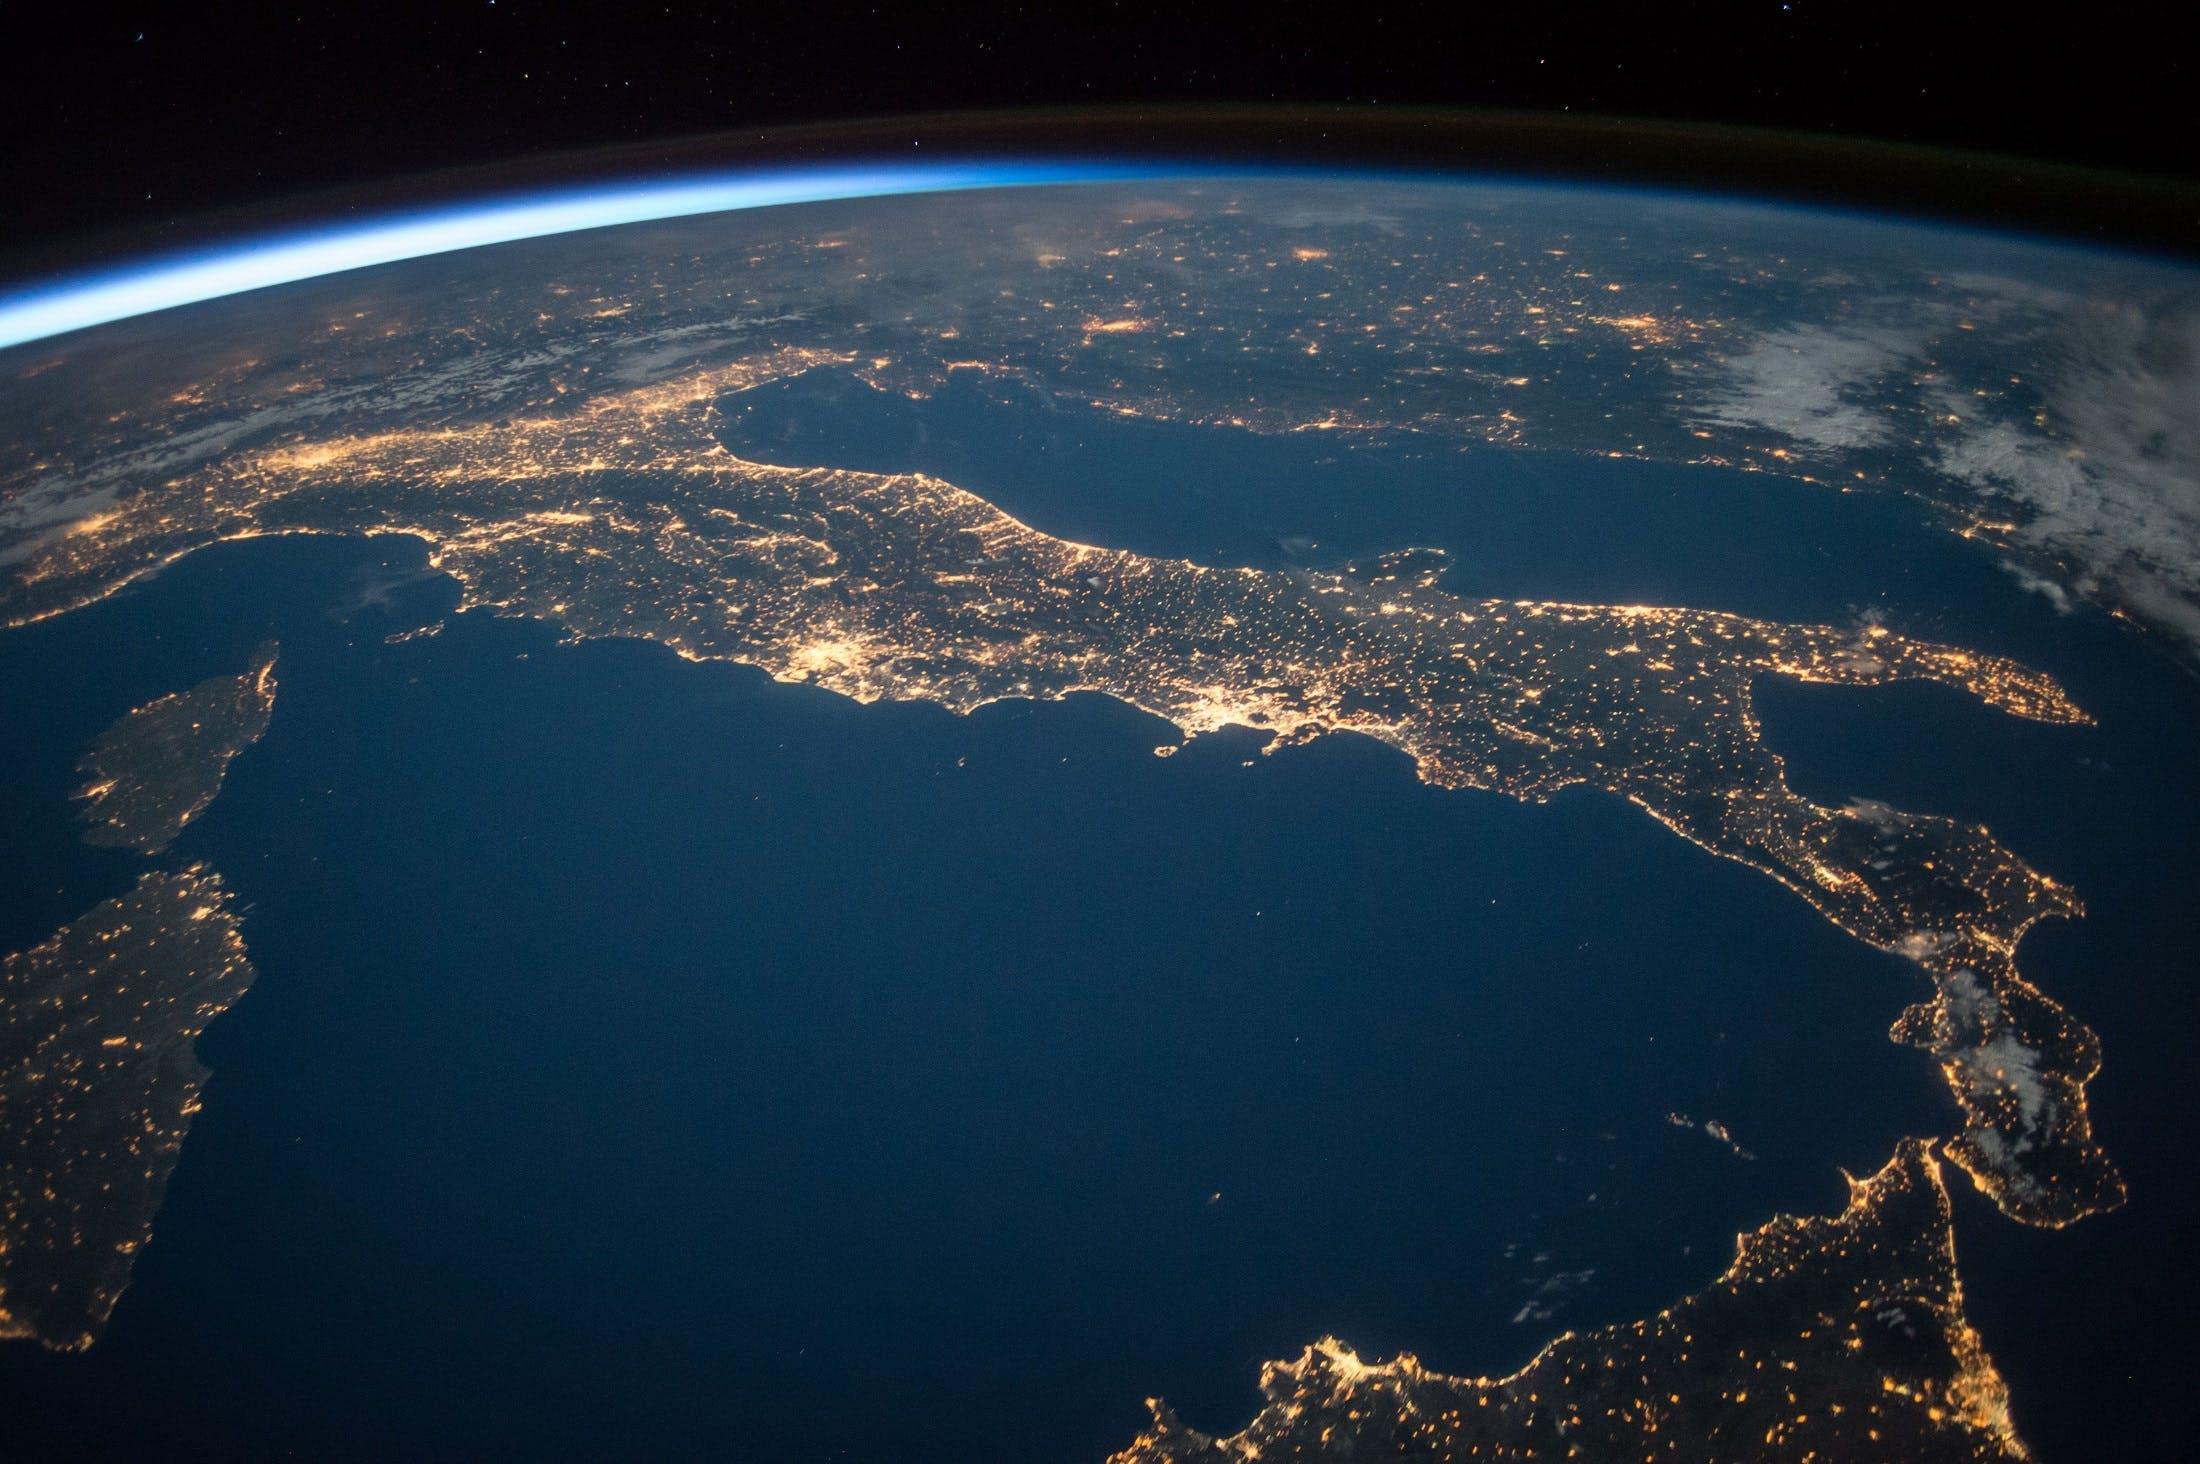 Kostenloses Stock Foto zu astronomie, atmosphäre, beleuchtung, erde